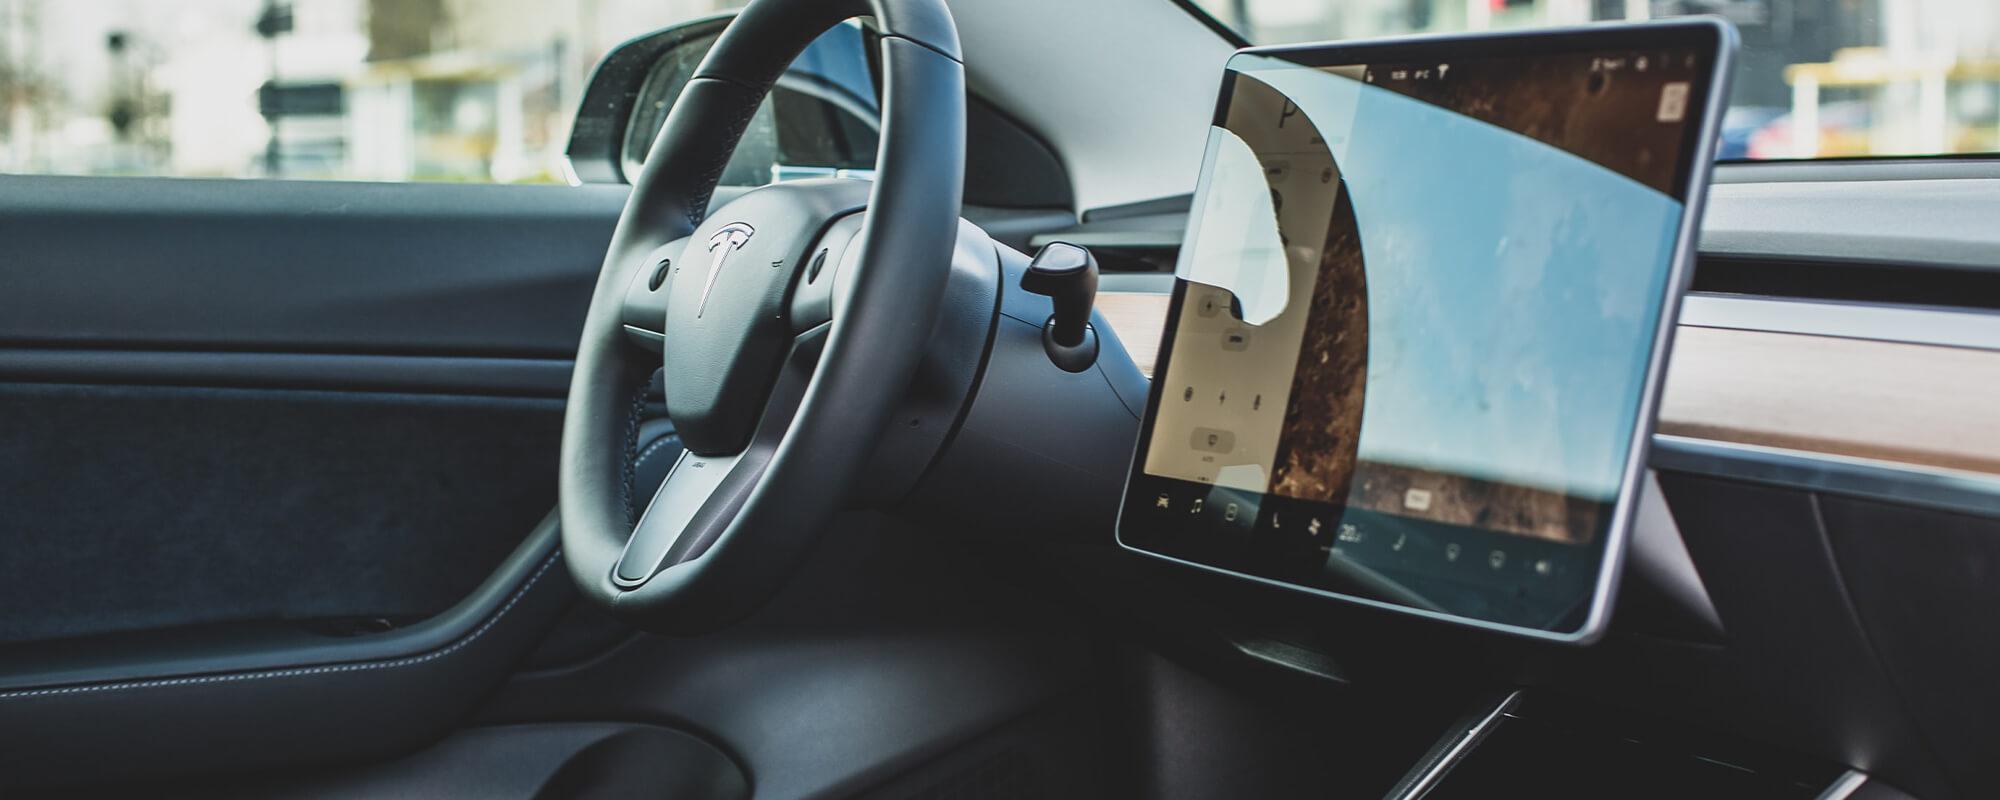 Tesla Model 3 Interior background